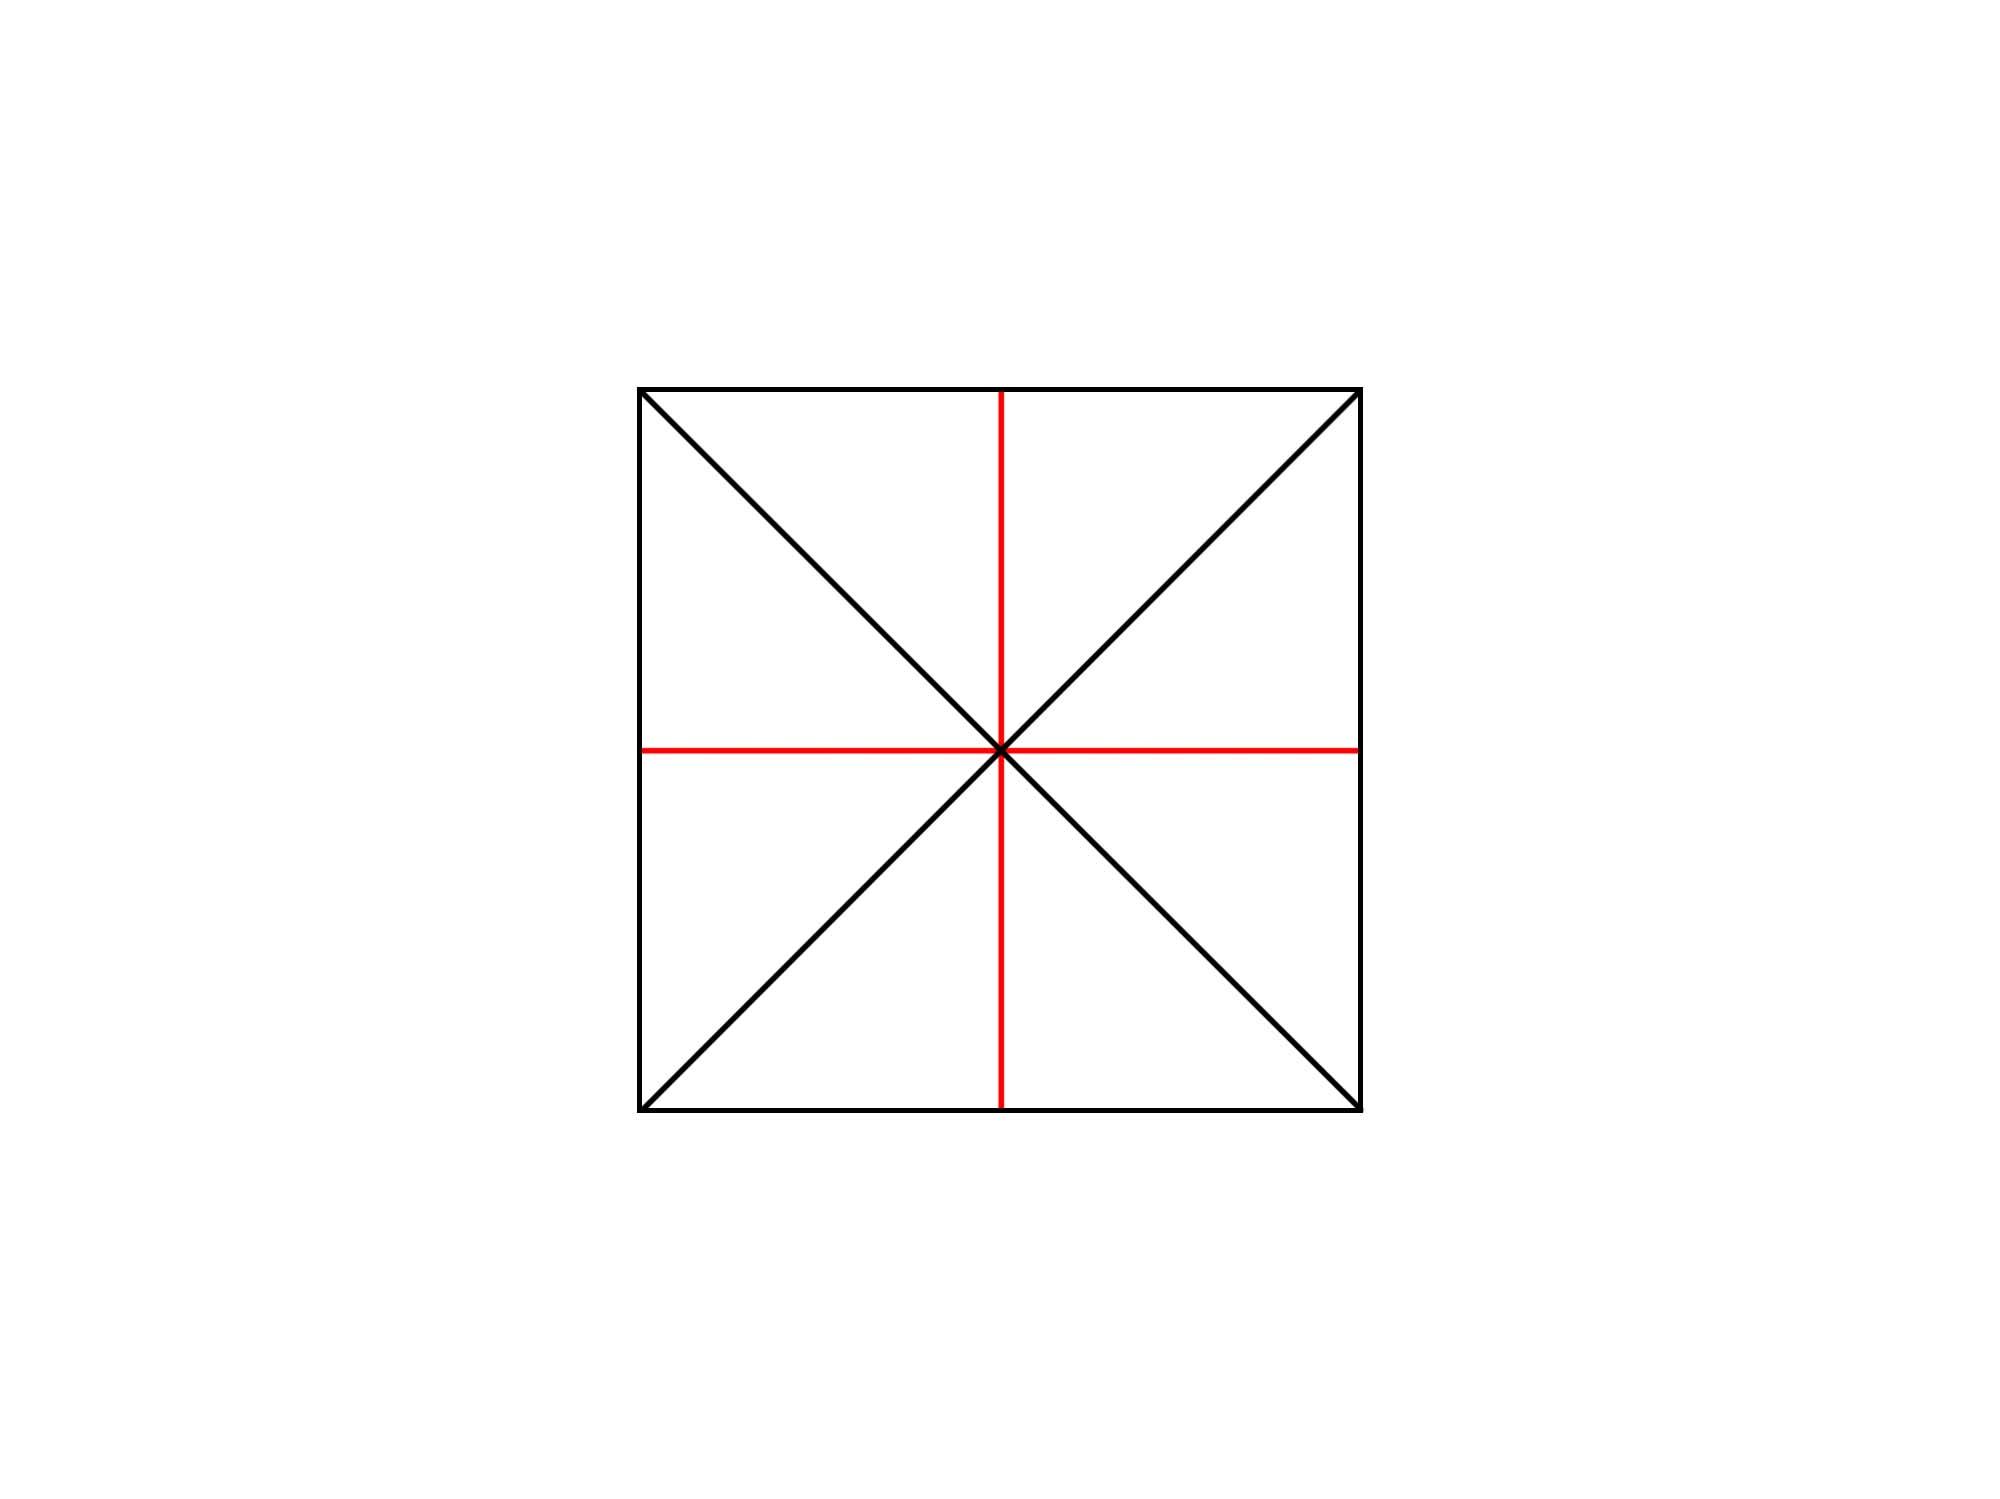 正方形に円を描く②